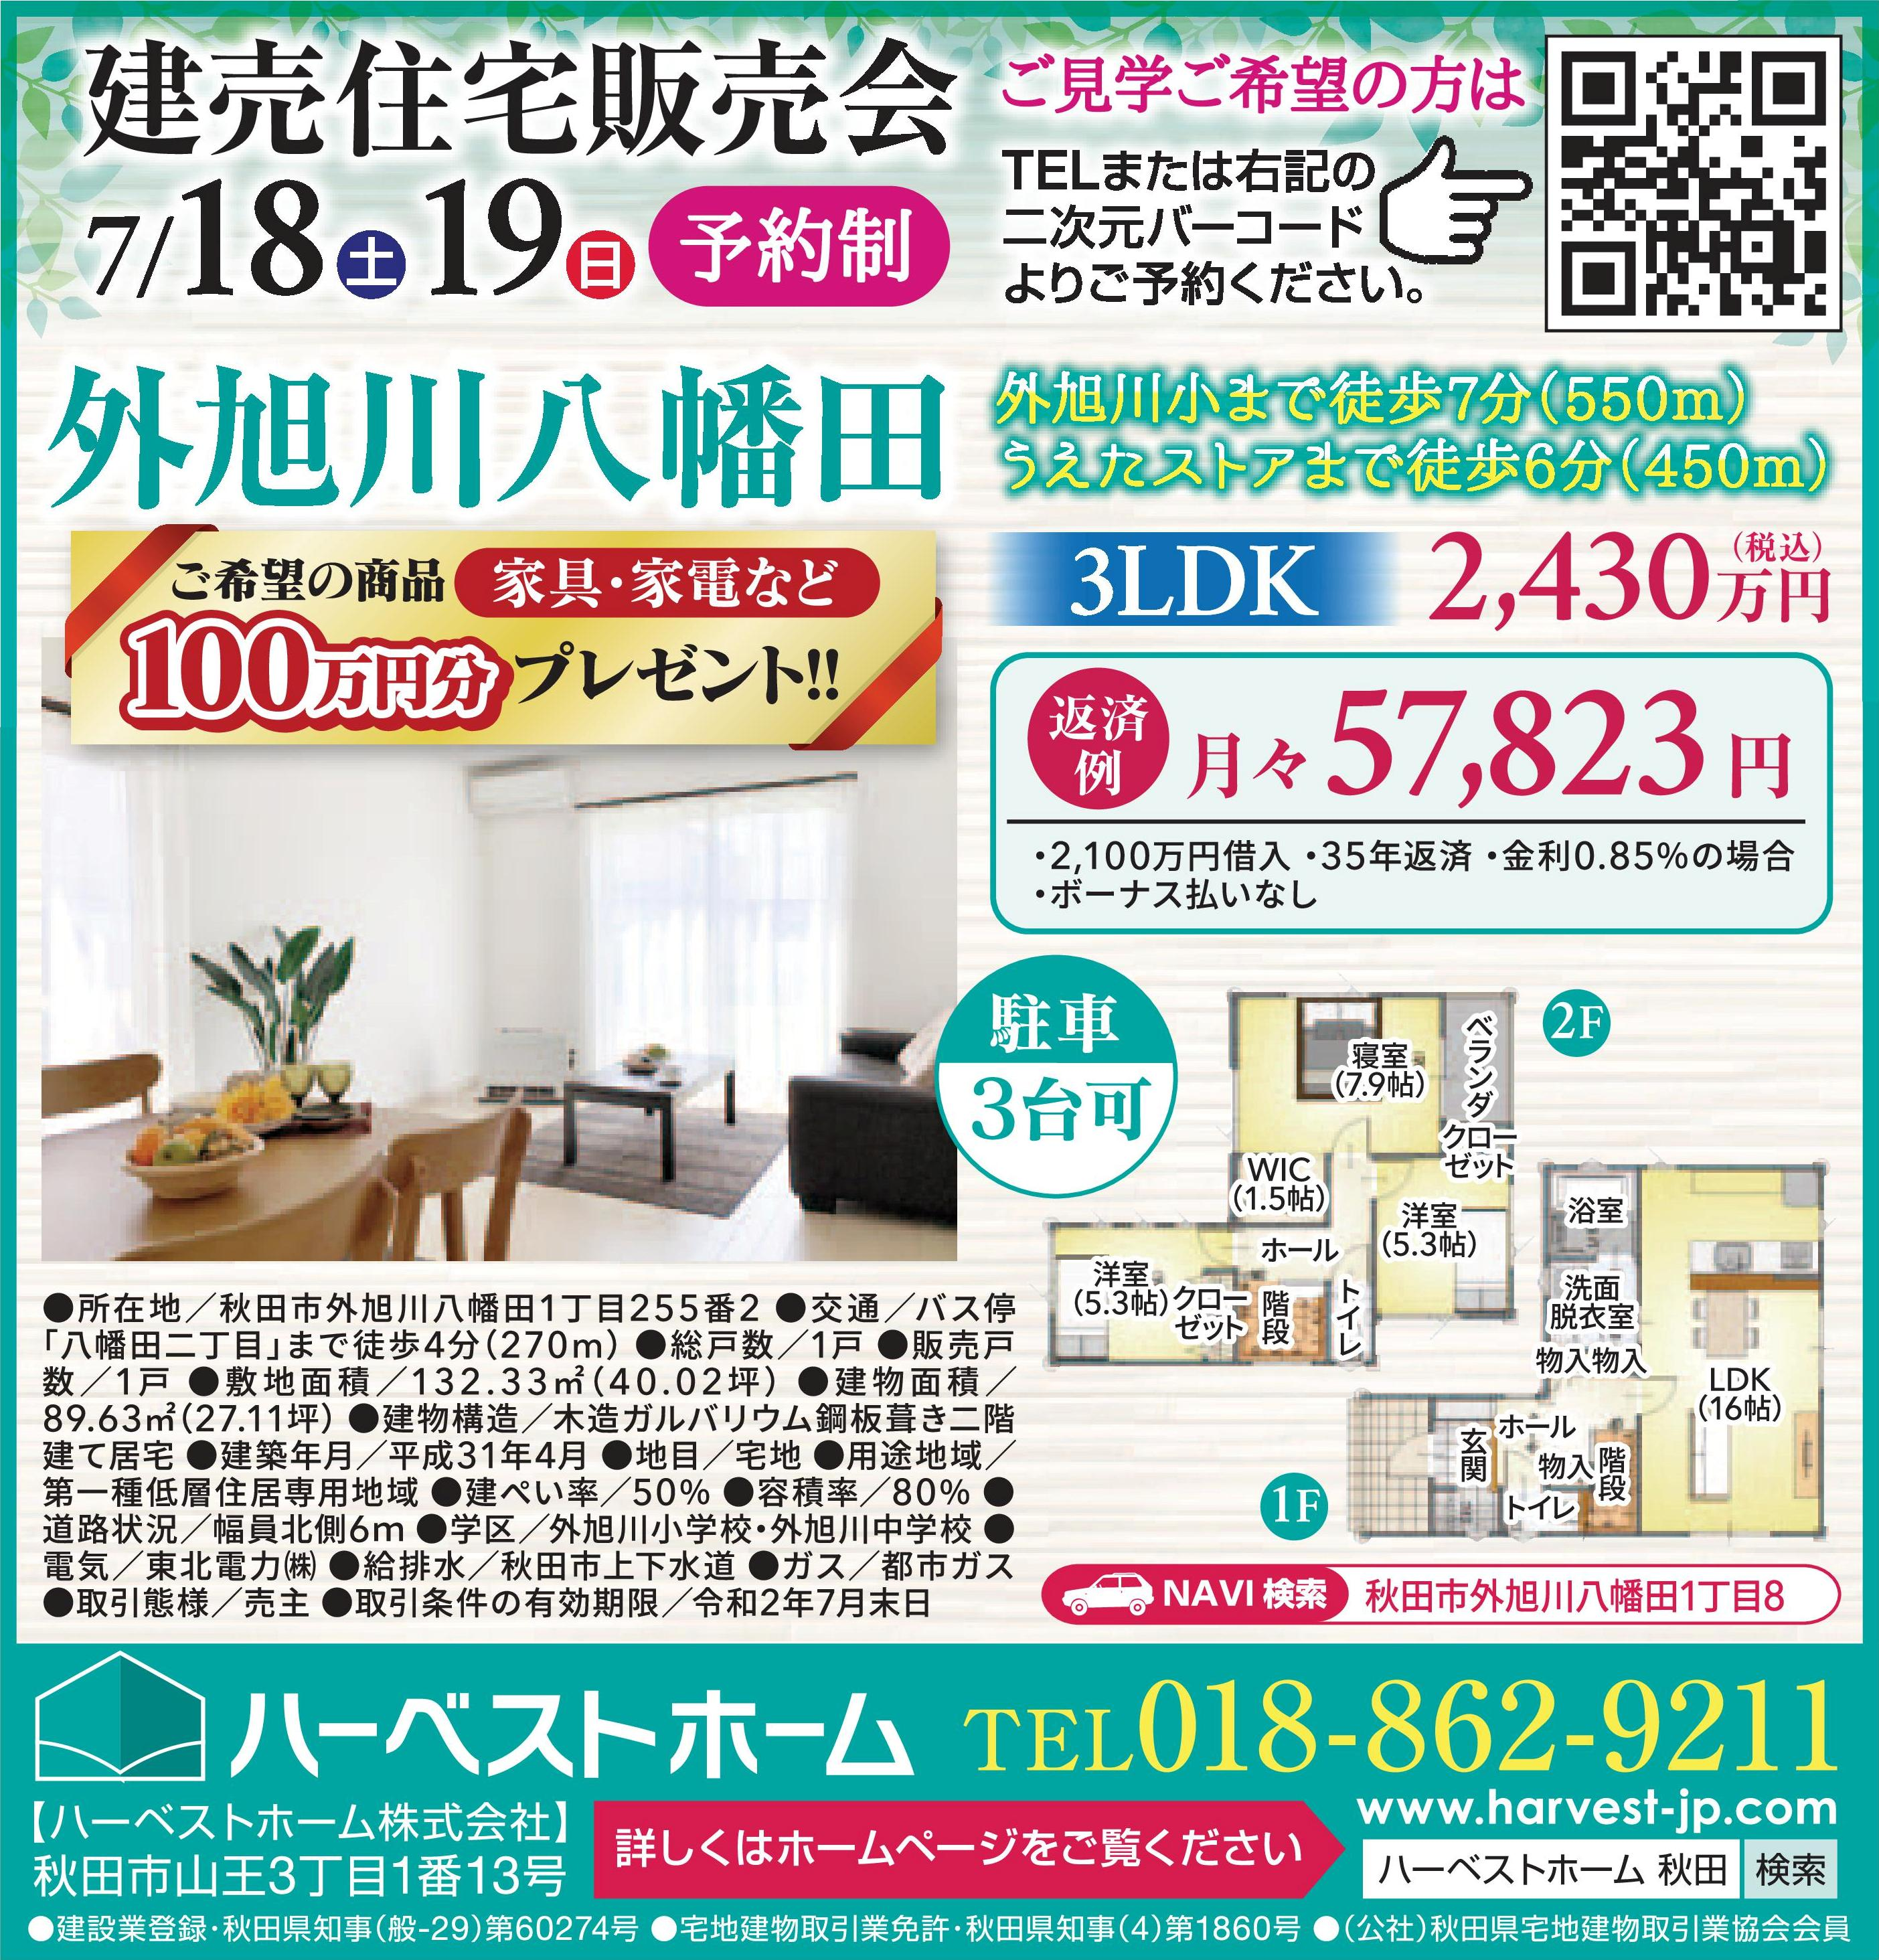 『外旭川』建売住宅…キャンペーン販売